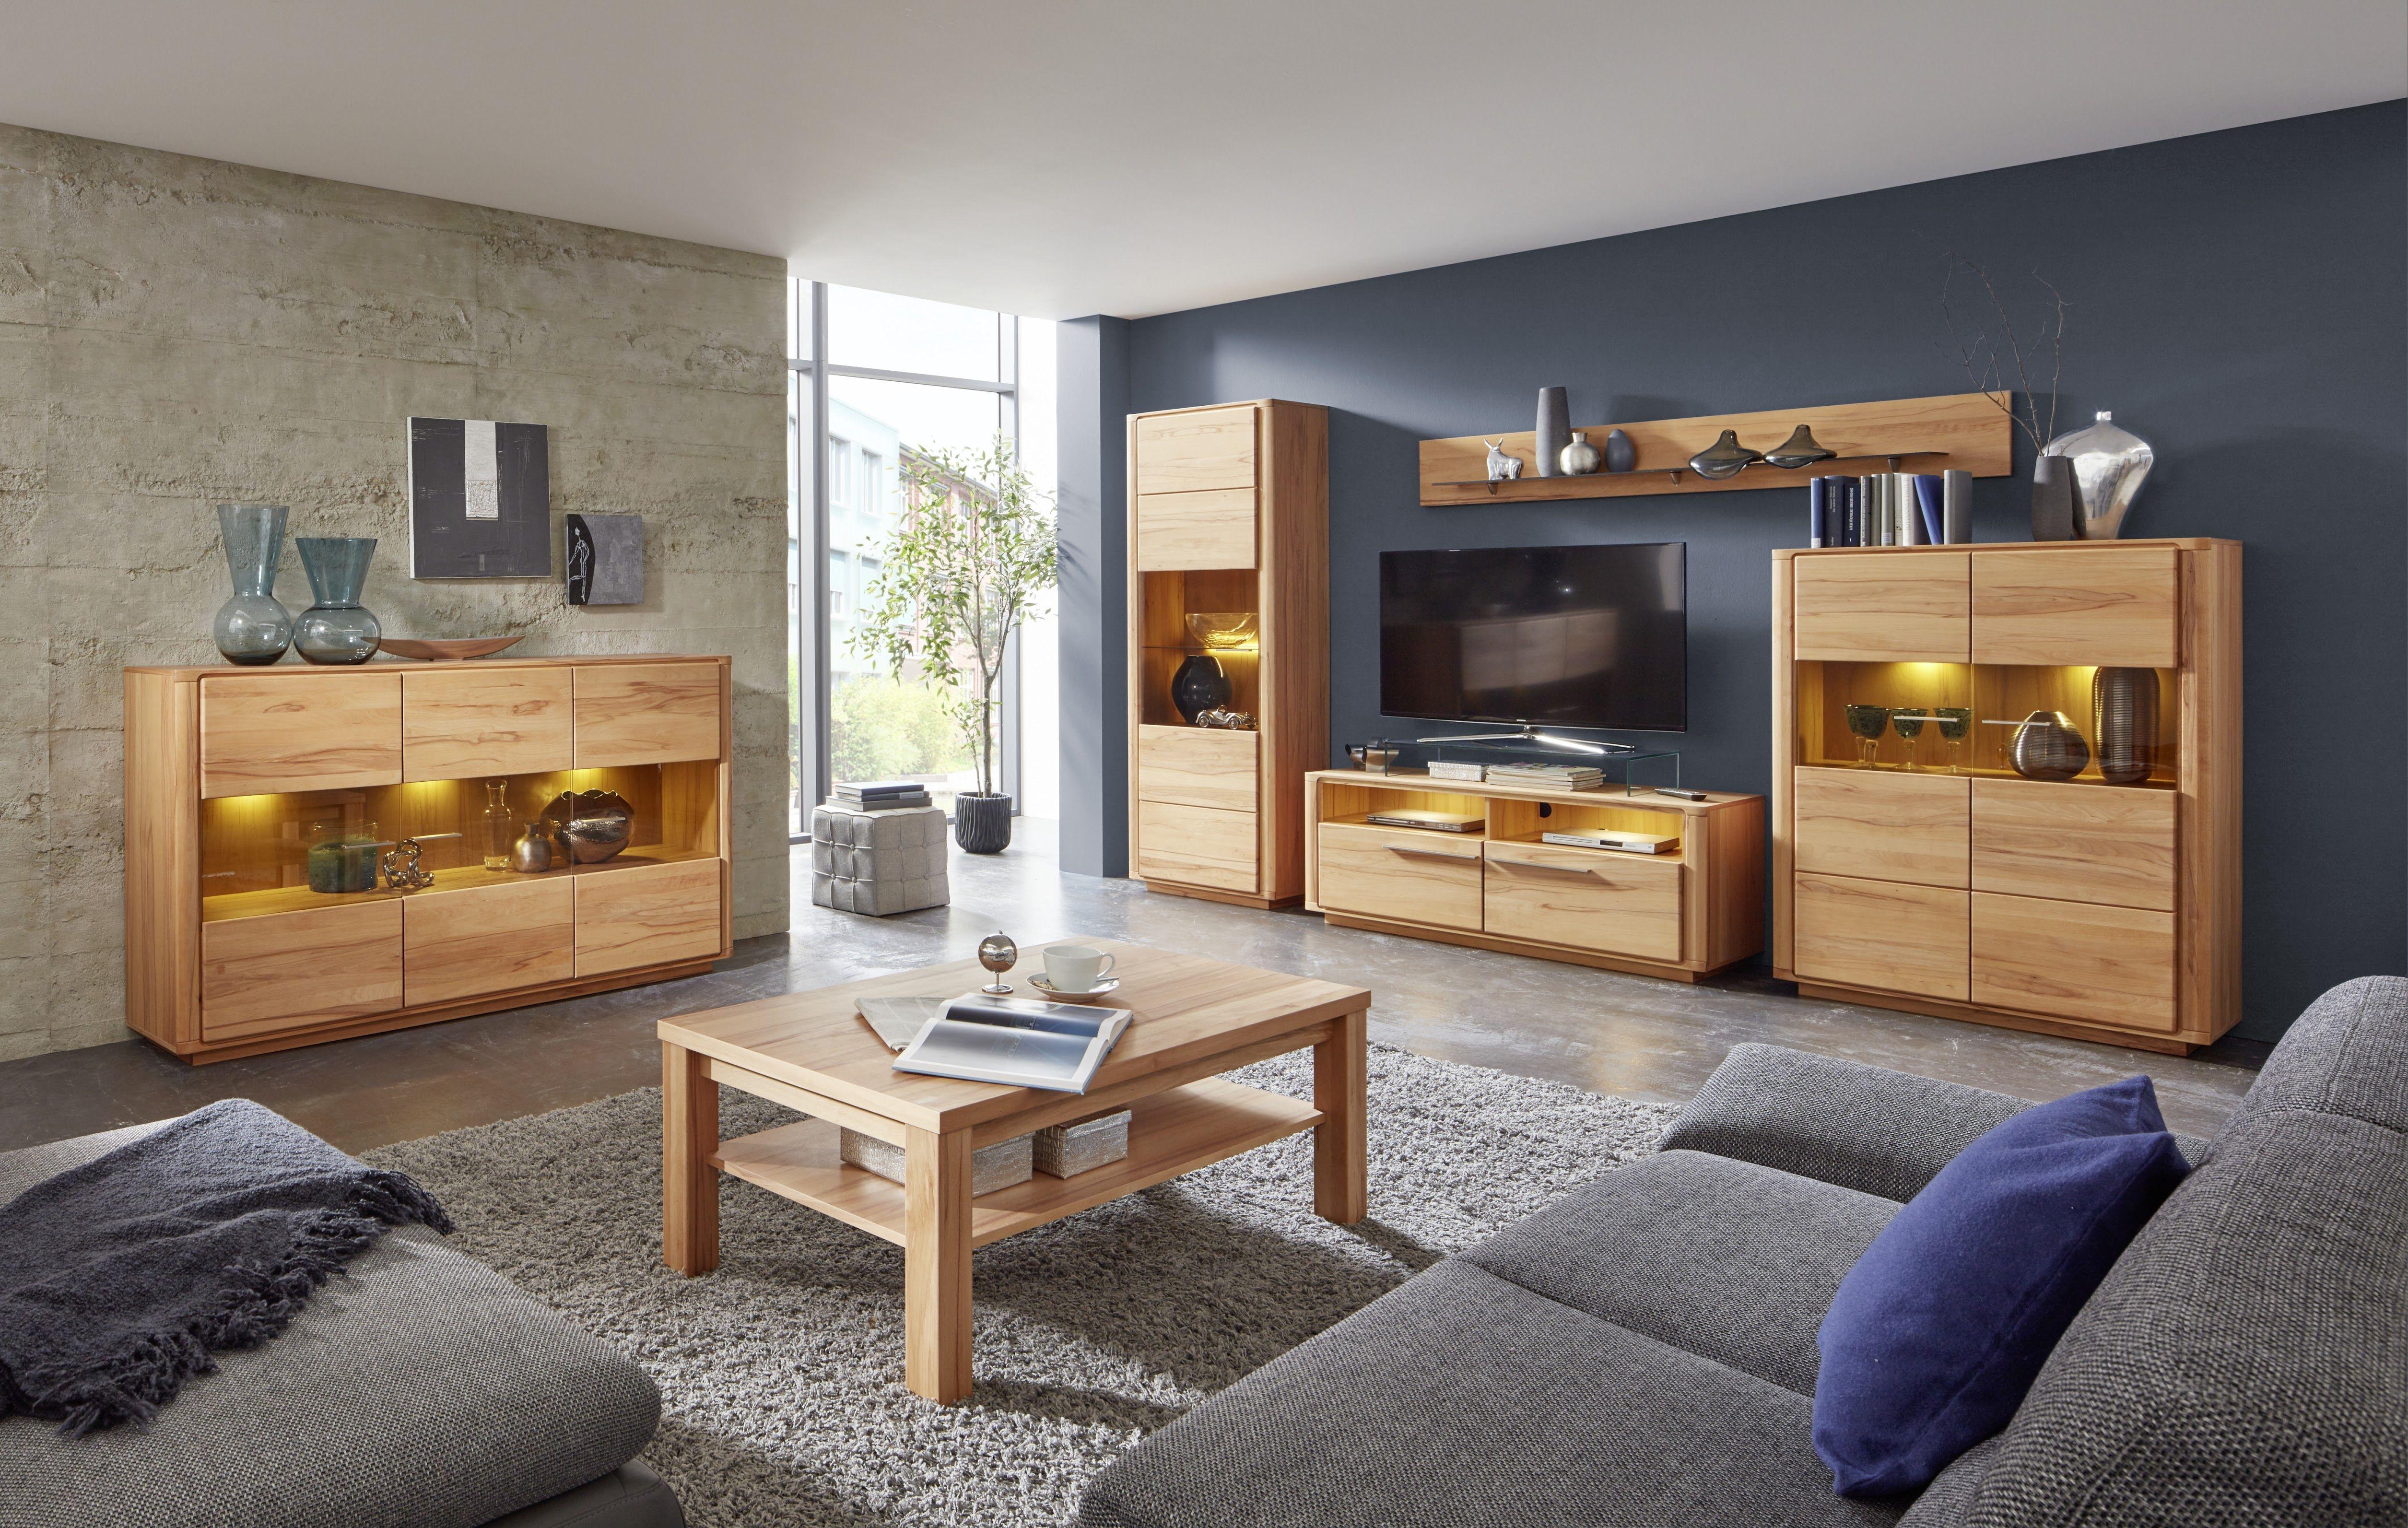 wohnwand mit sideboard kernbuche teilmassiv woody 35 00272 holz modern jetzt bestellen unter. Black Bedroom Furniture Sets. Home Design Ideas